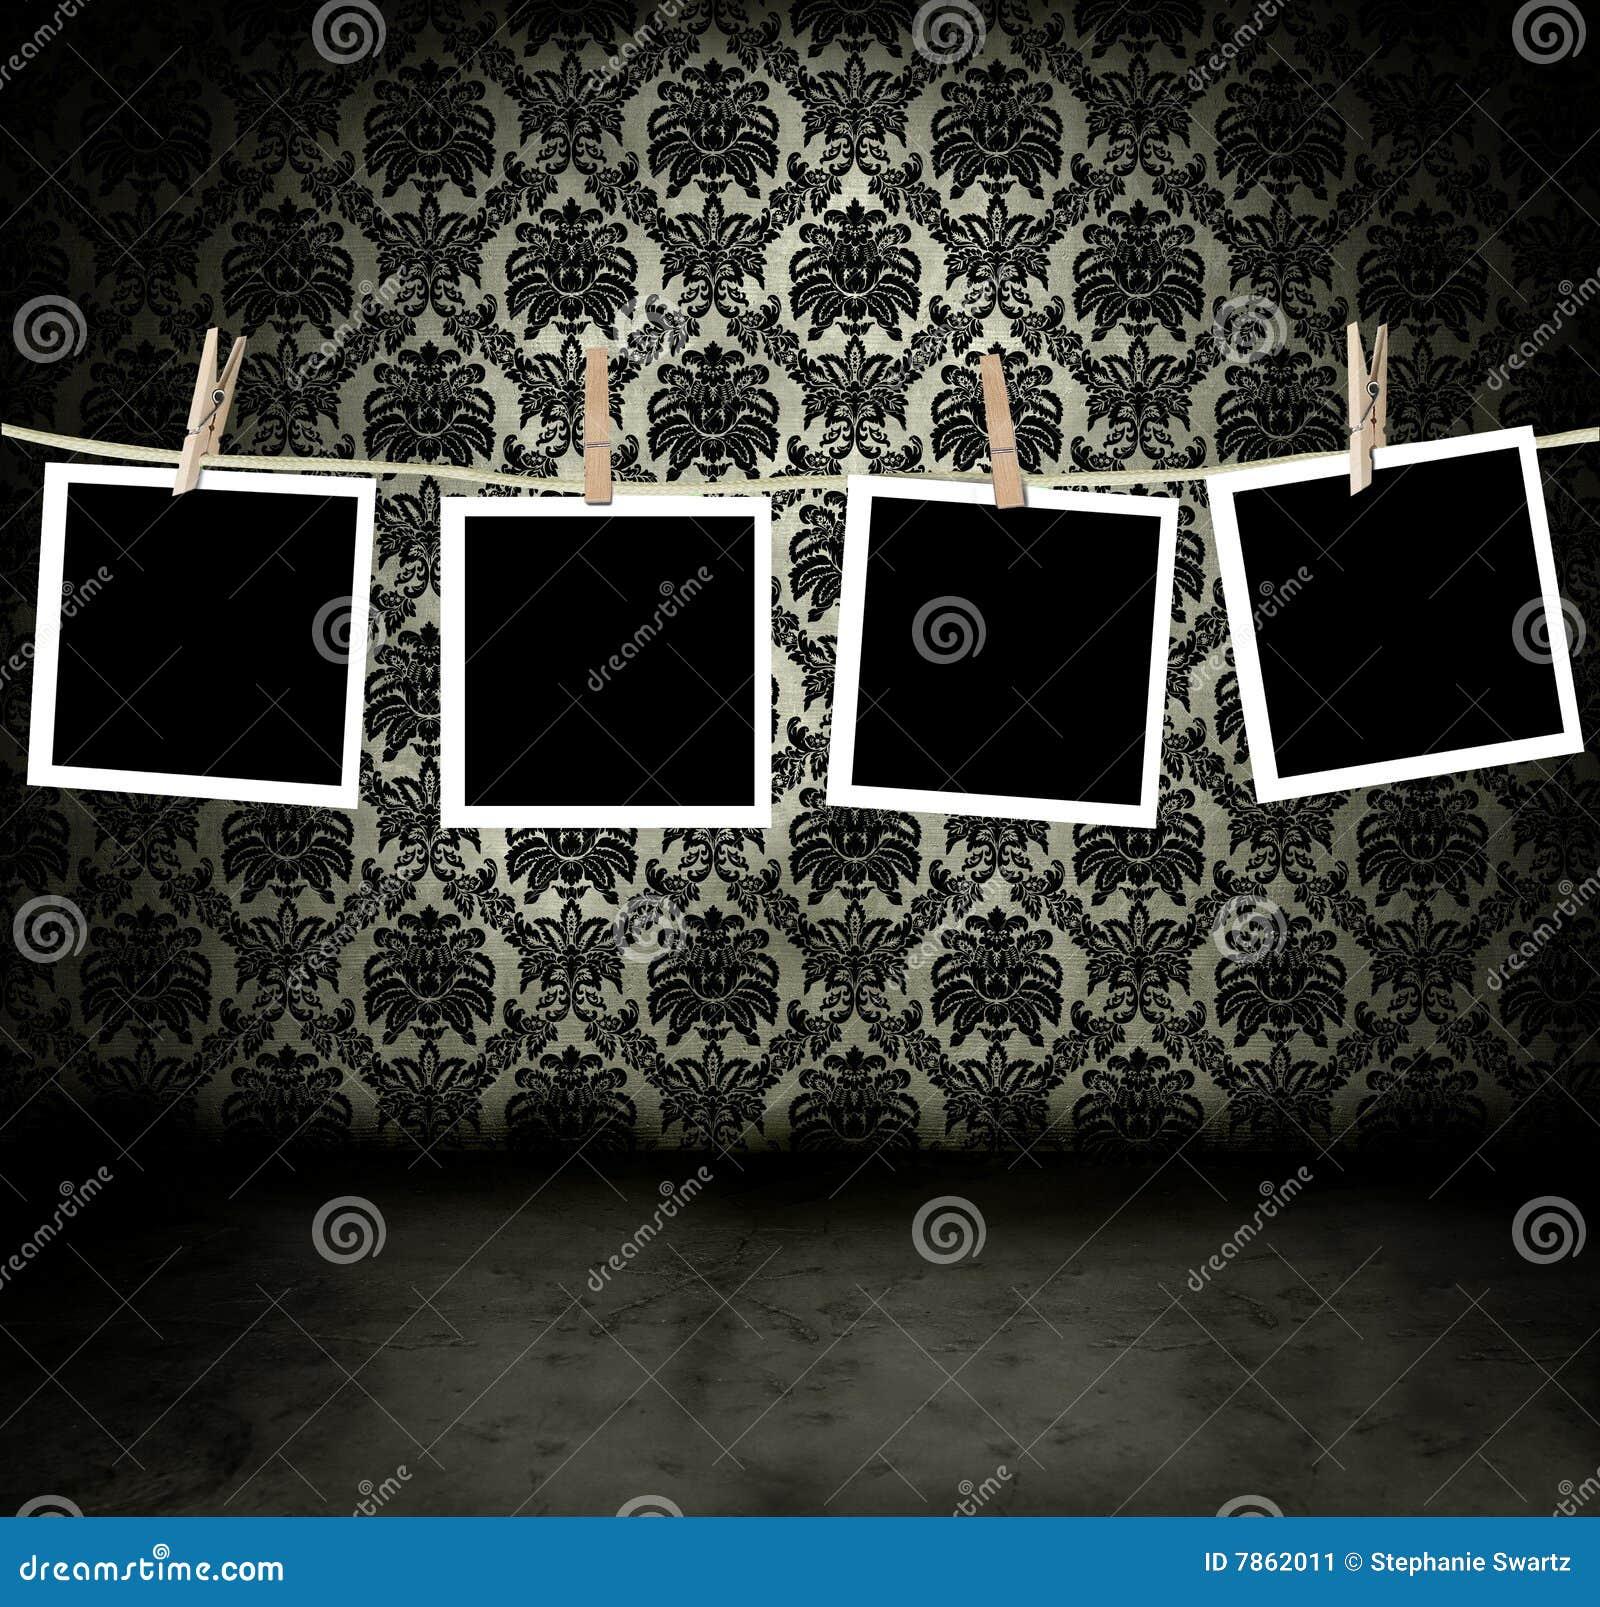 Fotos que cuelgan en un cuarto oscuro imagen de archivo for Cuarto oscuro fotografia